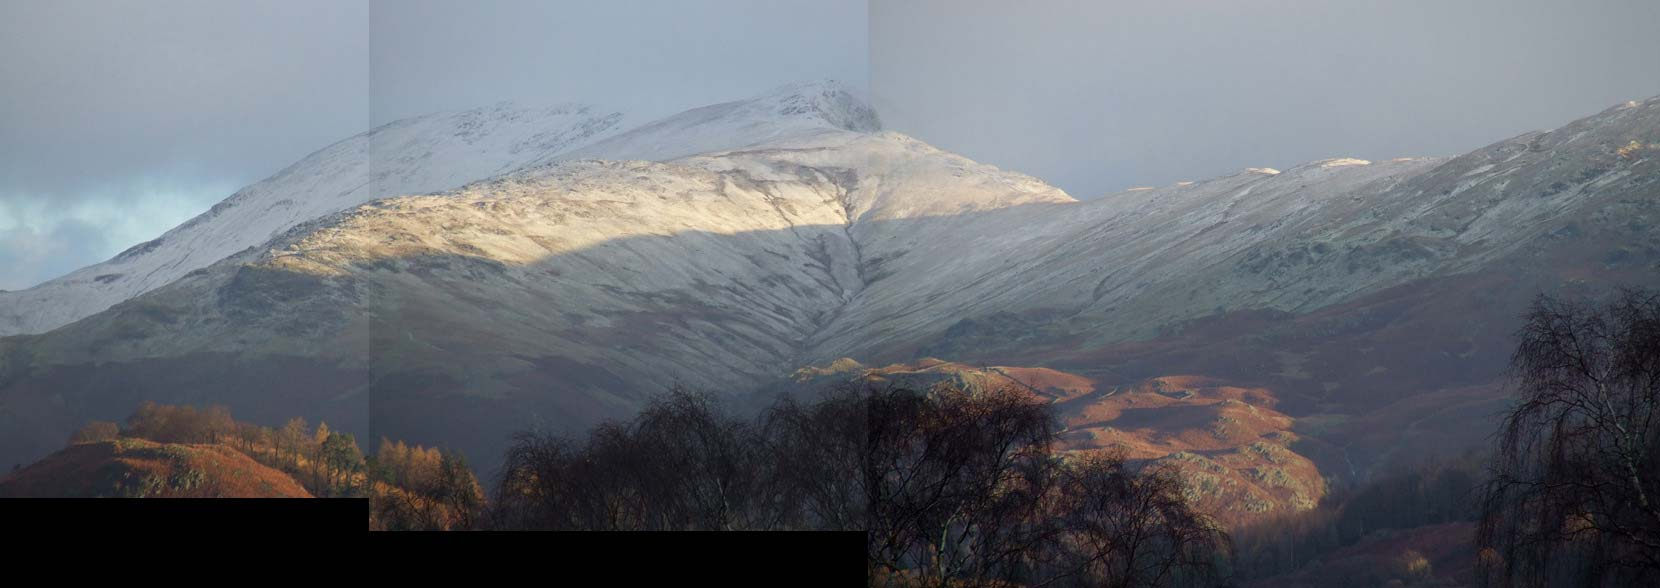 Lake District View